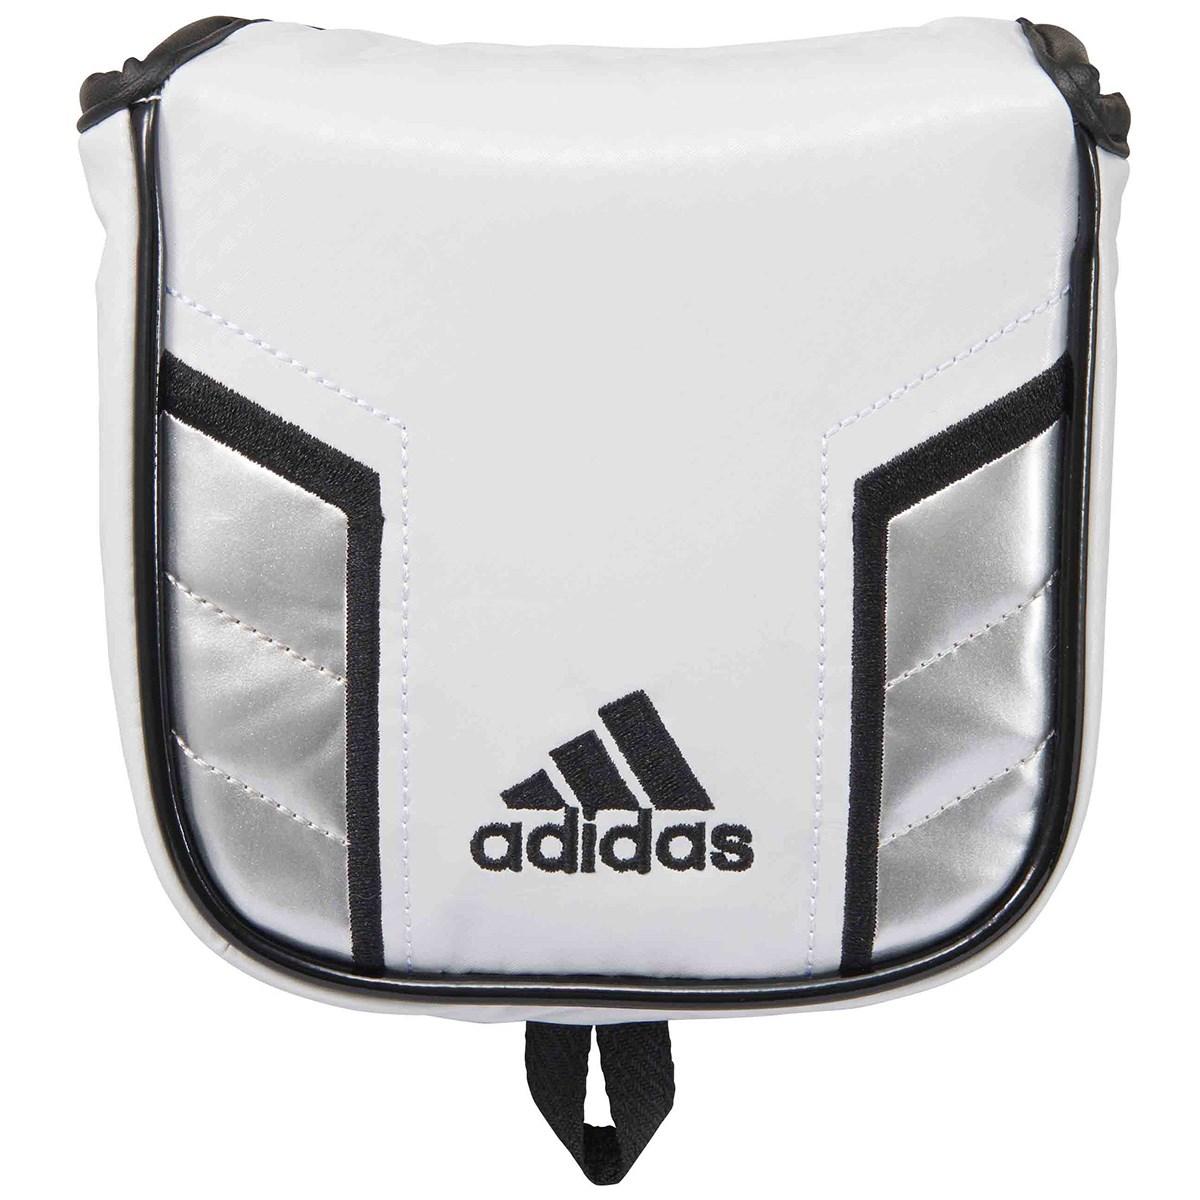 アディダス adidas パターカバー ホワイト メンズ ゴルフ